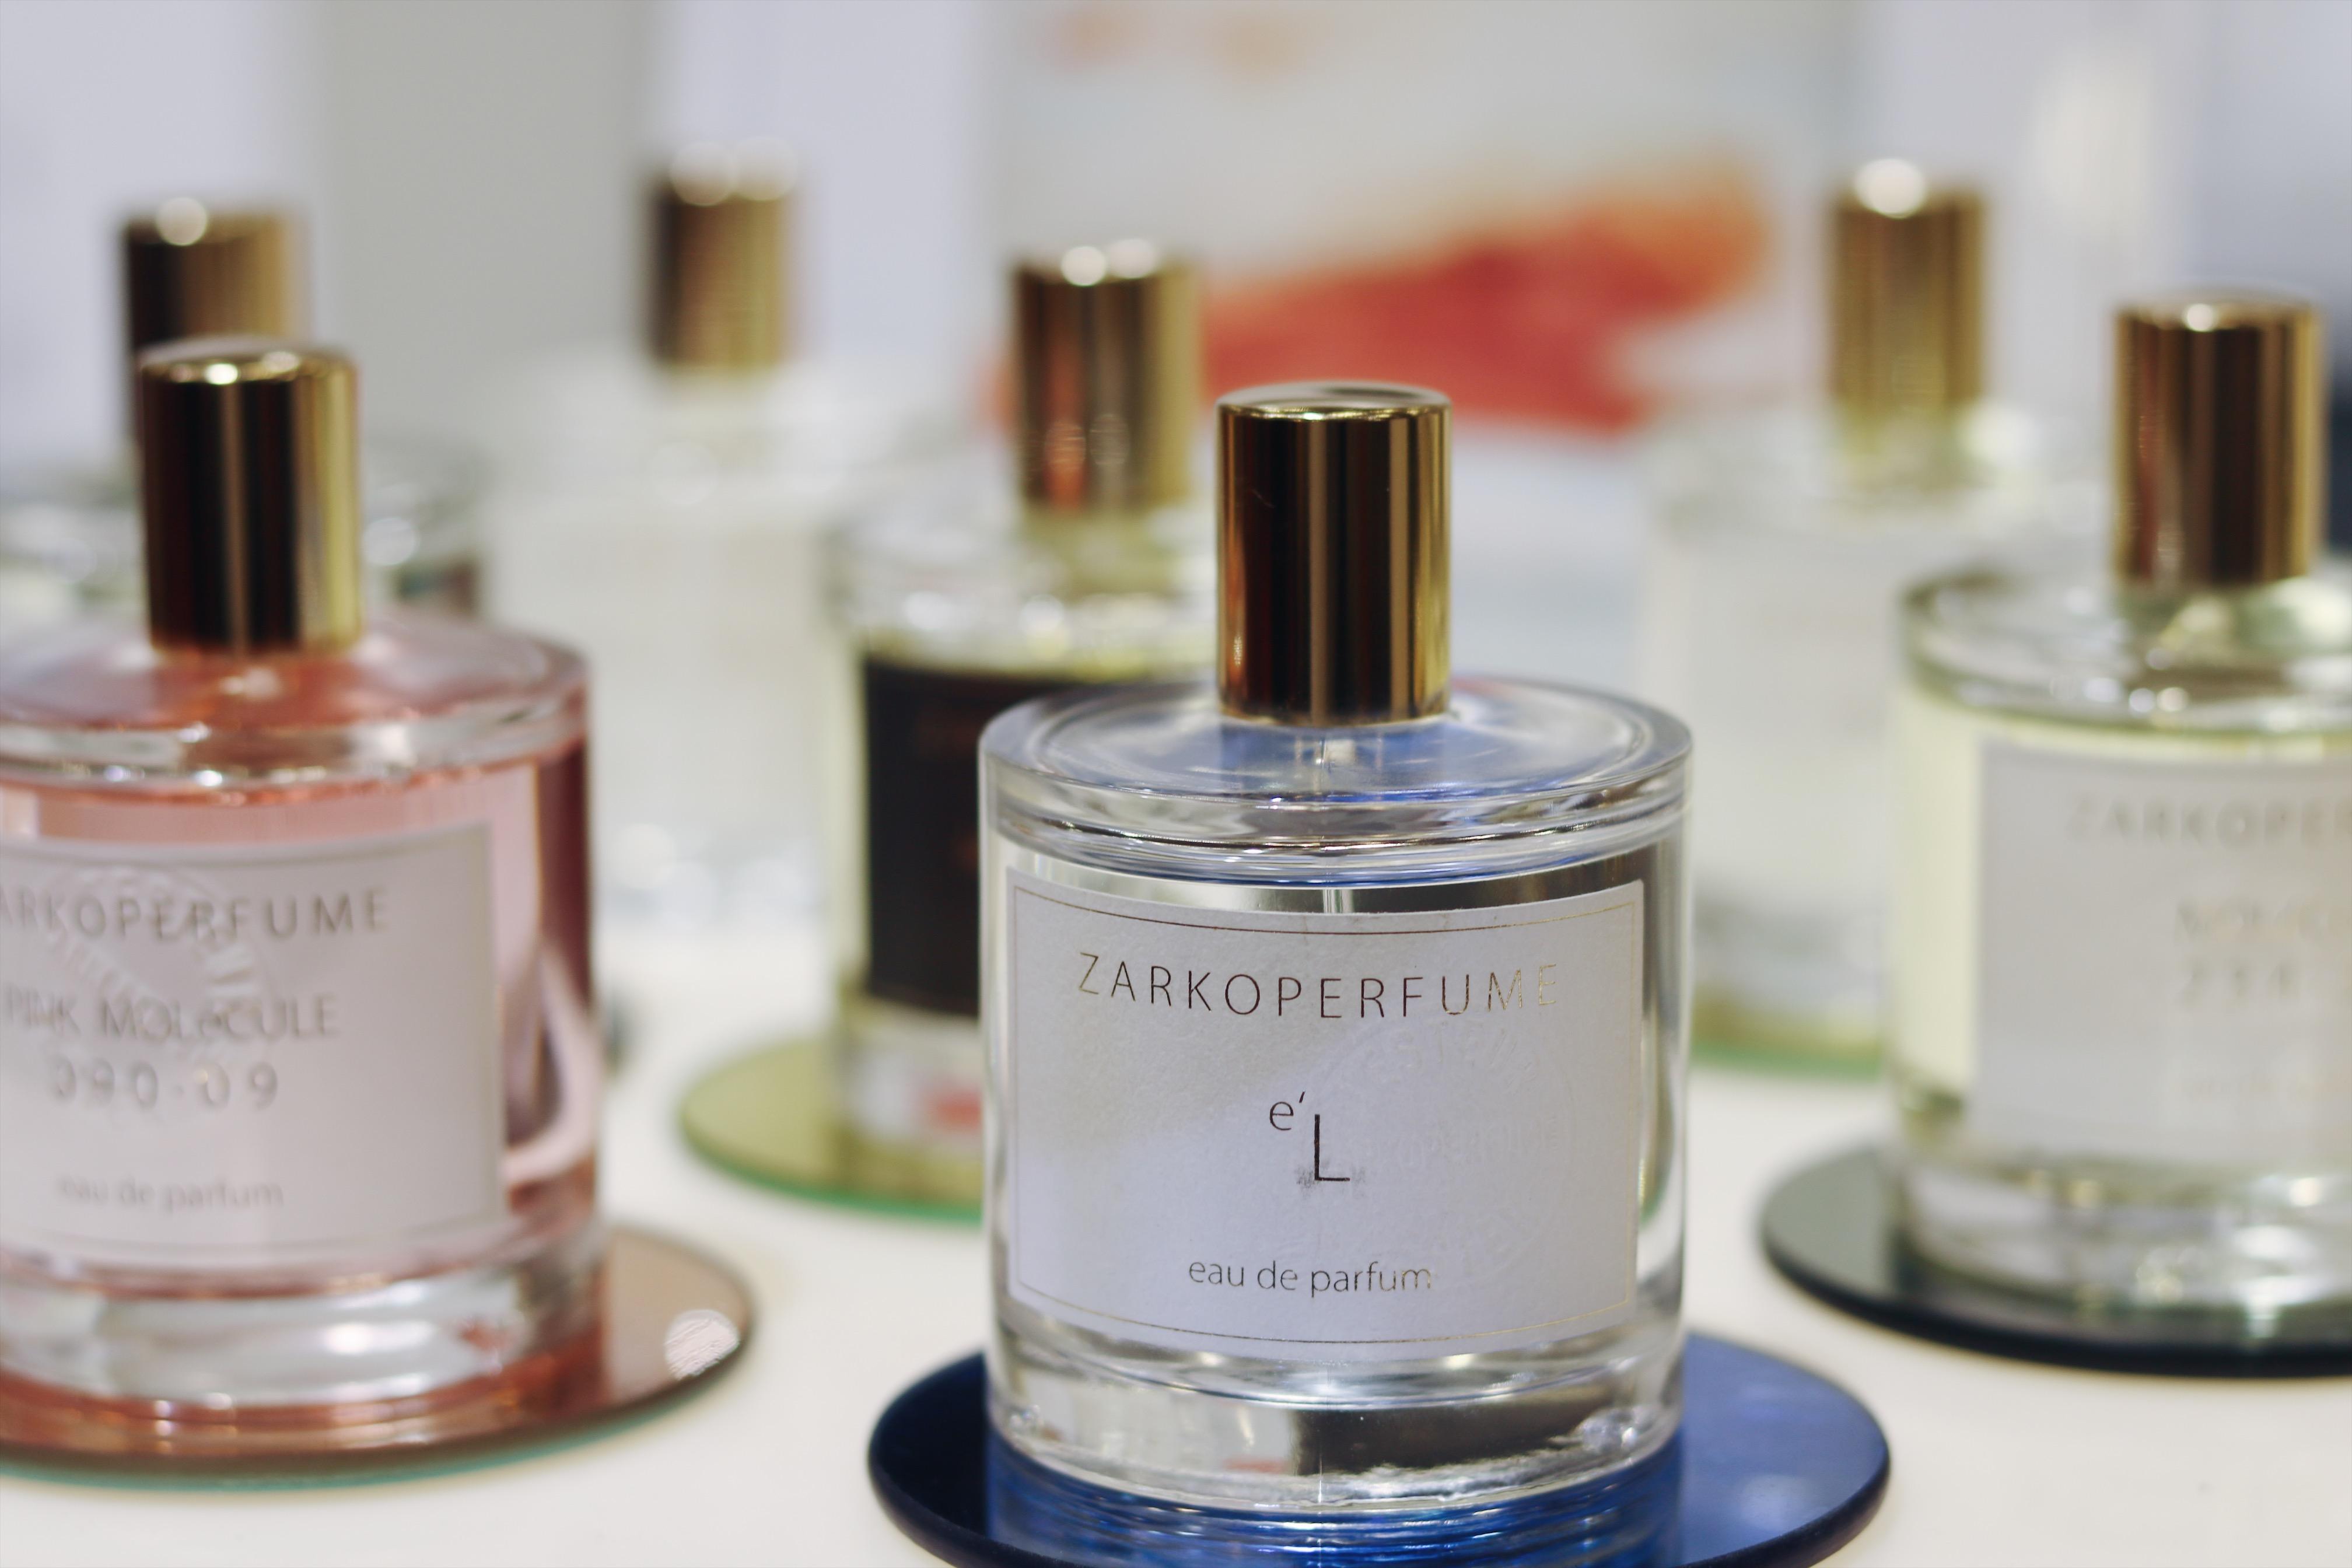 Hud och Kosmetikmässan del 2, Zarkoparfume, parfym, unisexdofter, nordiska märke, zarkoperfume serum, serumparfym, unisex, tjejparfym, amandahans, skönhetsblogg